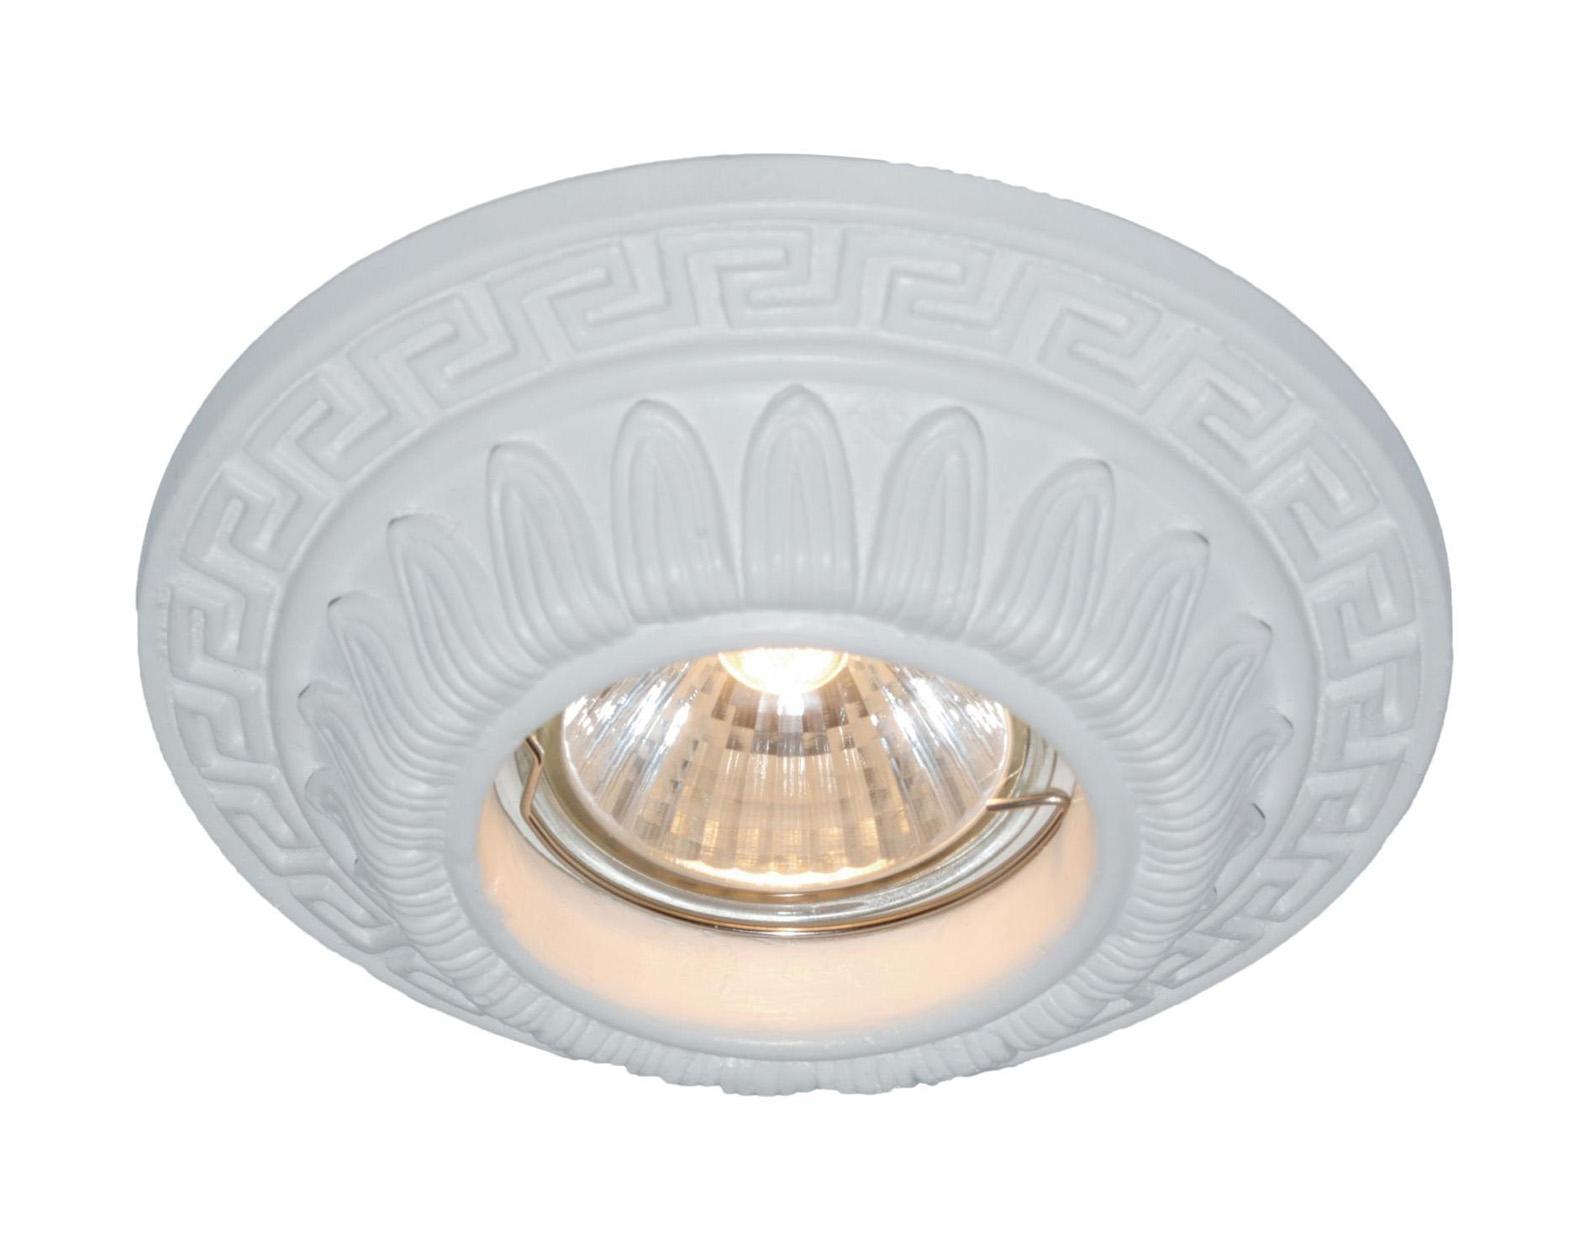 A5073PL-1WH CRATERE Встраиваемый светильникA5073PL-1WH1x50W; патроны GU10 и G5,3 в комплекте; Светильник можно красить Материал: Арматура: ГипсРазмер: 120x120x40Цвет: Белый